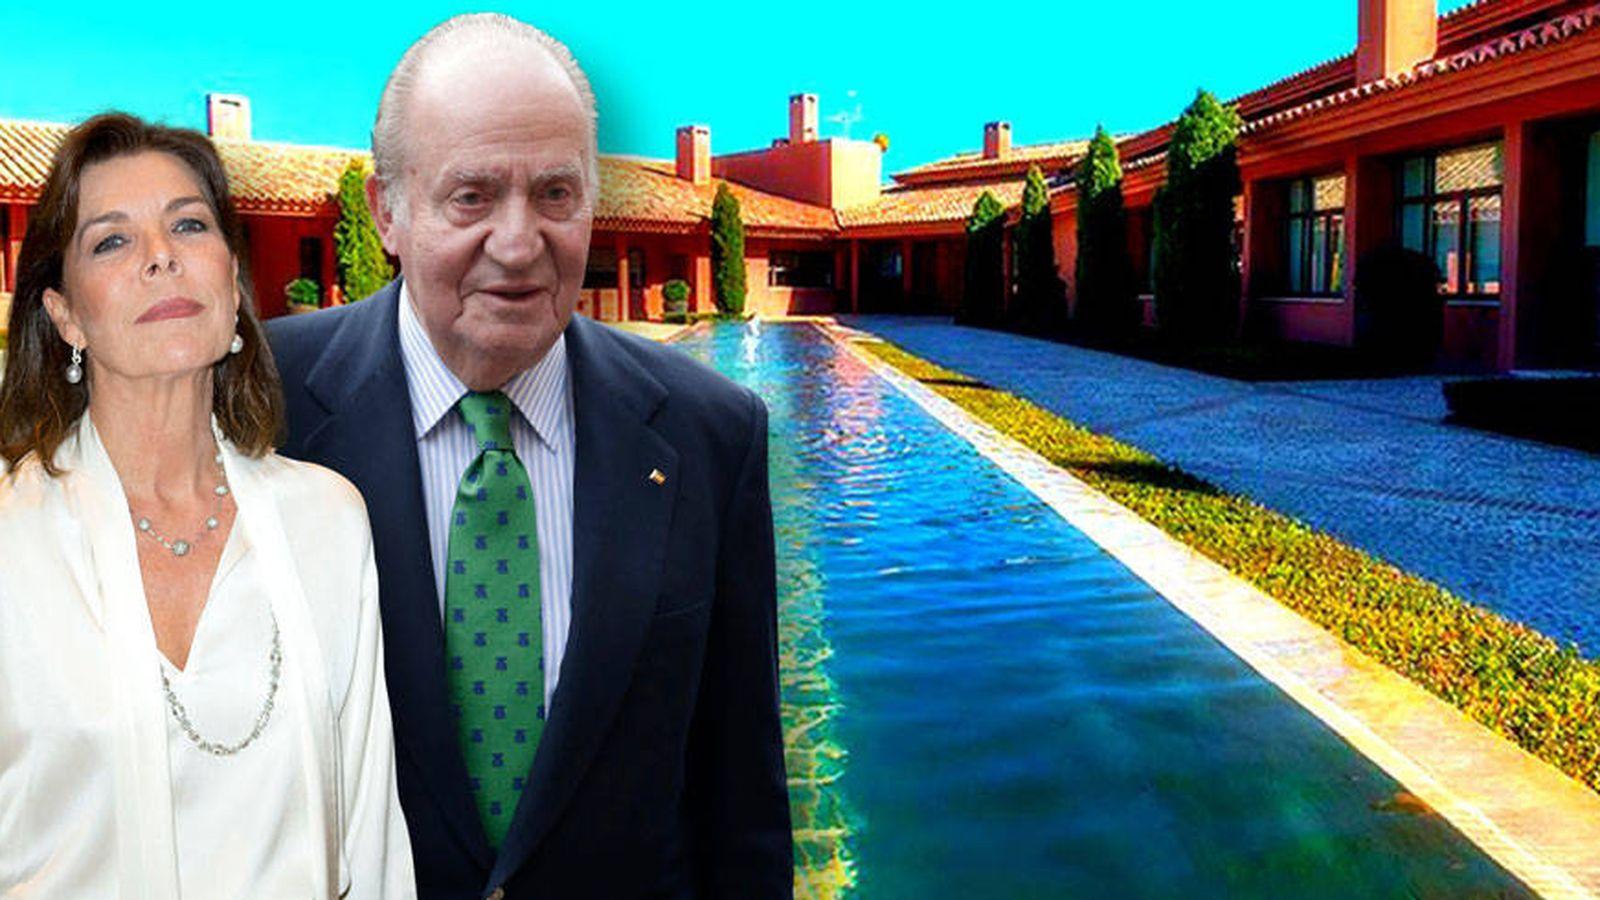 Foto: Carolina de Mónaco y don Juan Carlos, en un fotomontaje elaborado por Vanitatis.